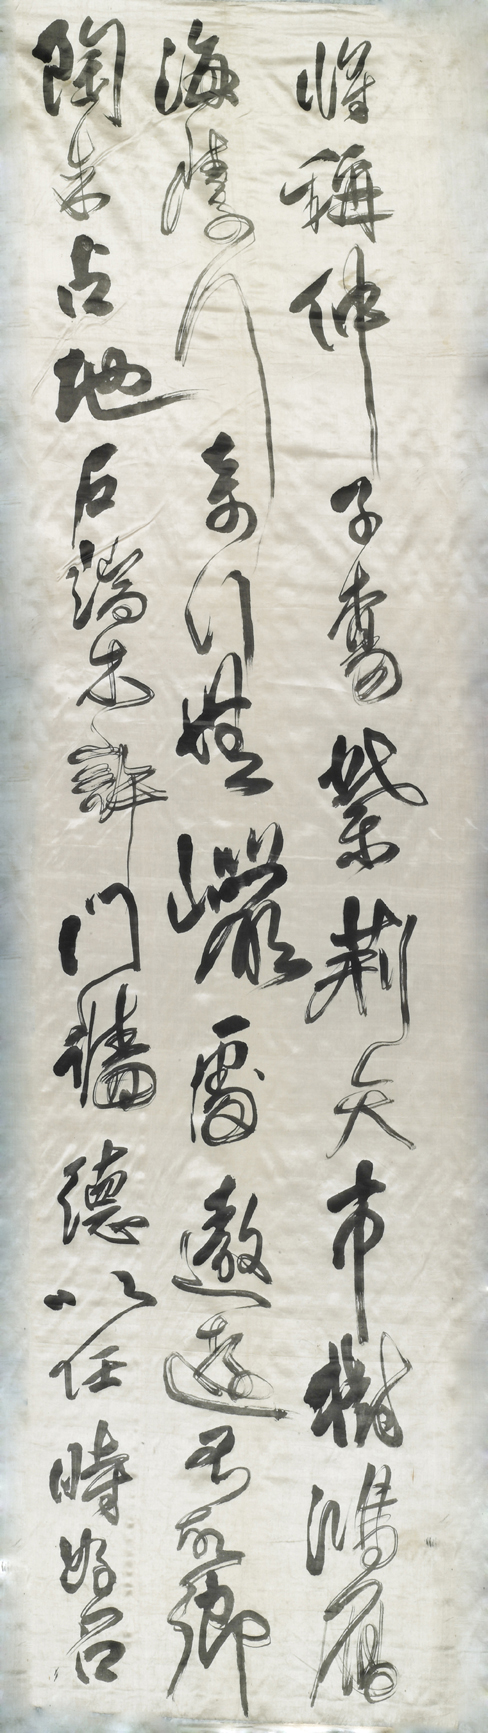 傅山《草书祝锡予六十寿十二条屏》 - 云破月来花弄影 - 云破月来花弄影